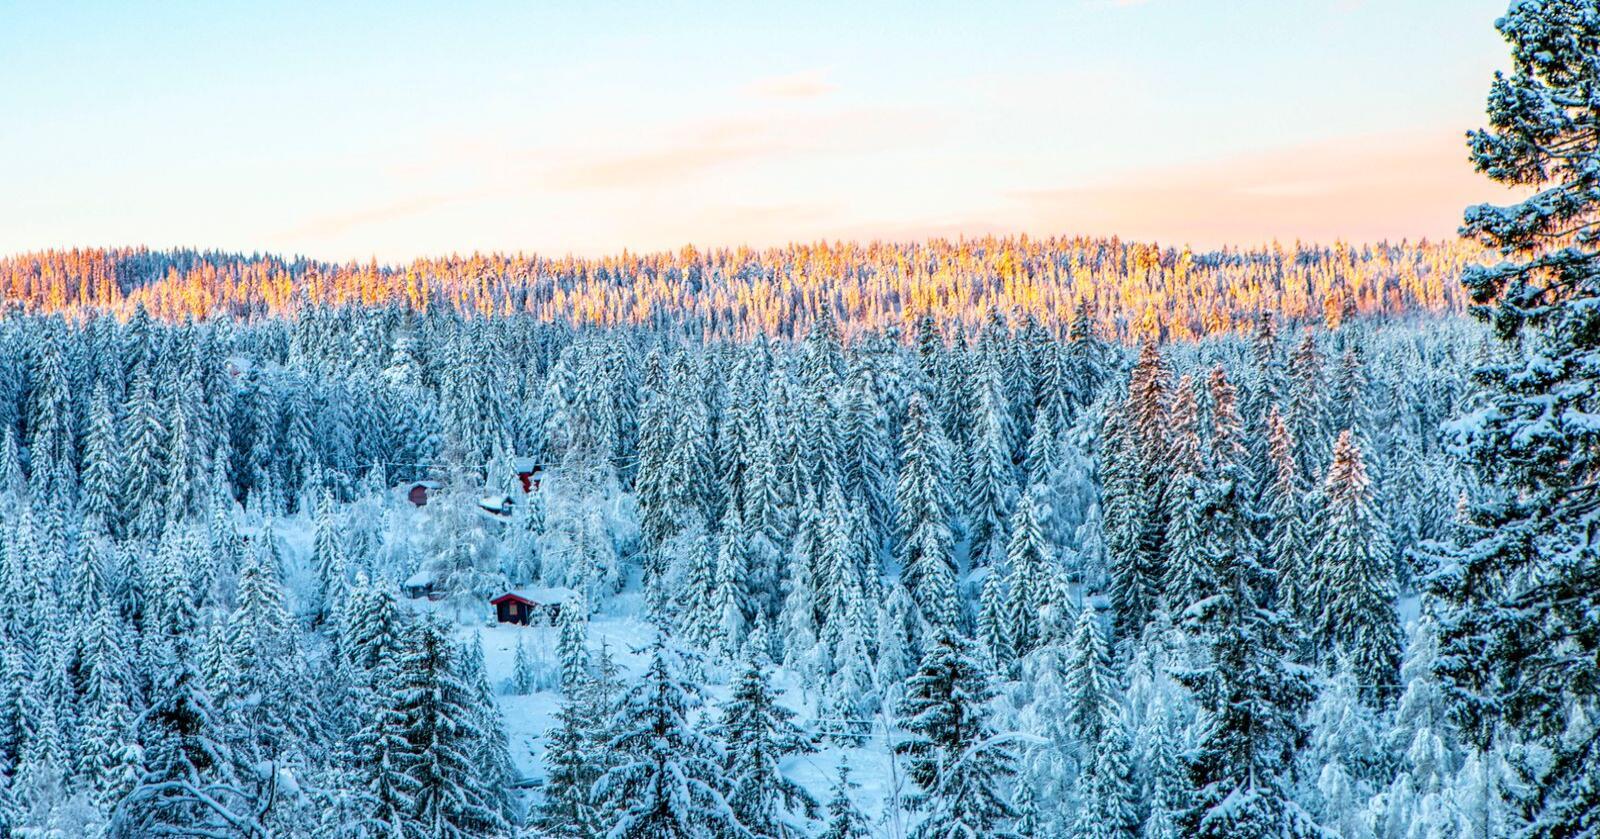 Frp vil regne skogens CO₂-opptak som et utslippskutt. Her fra Lillomarka i Nittedal. Foto: Paul Kleiven / NTB